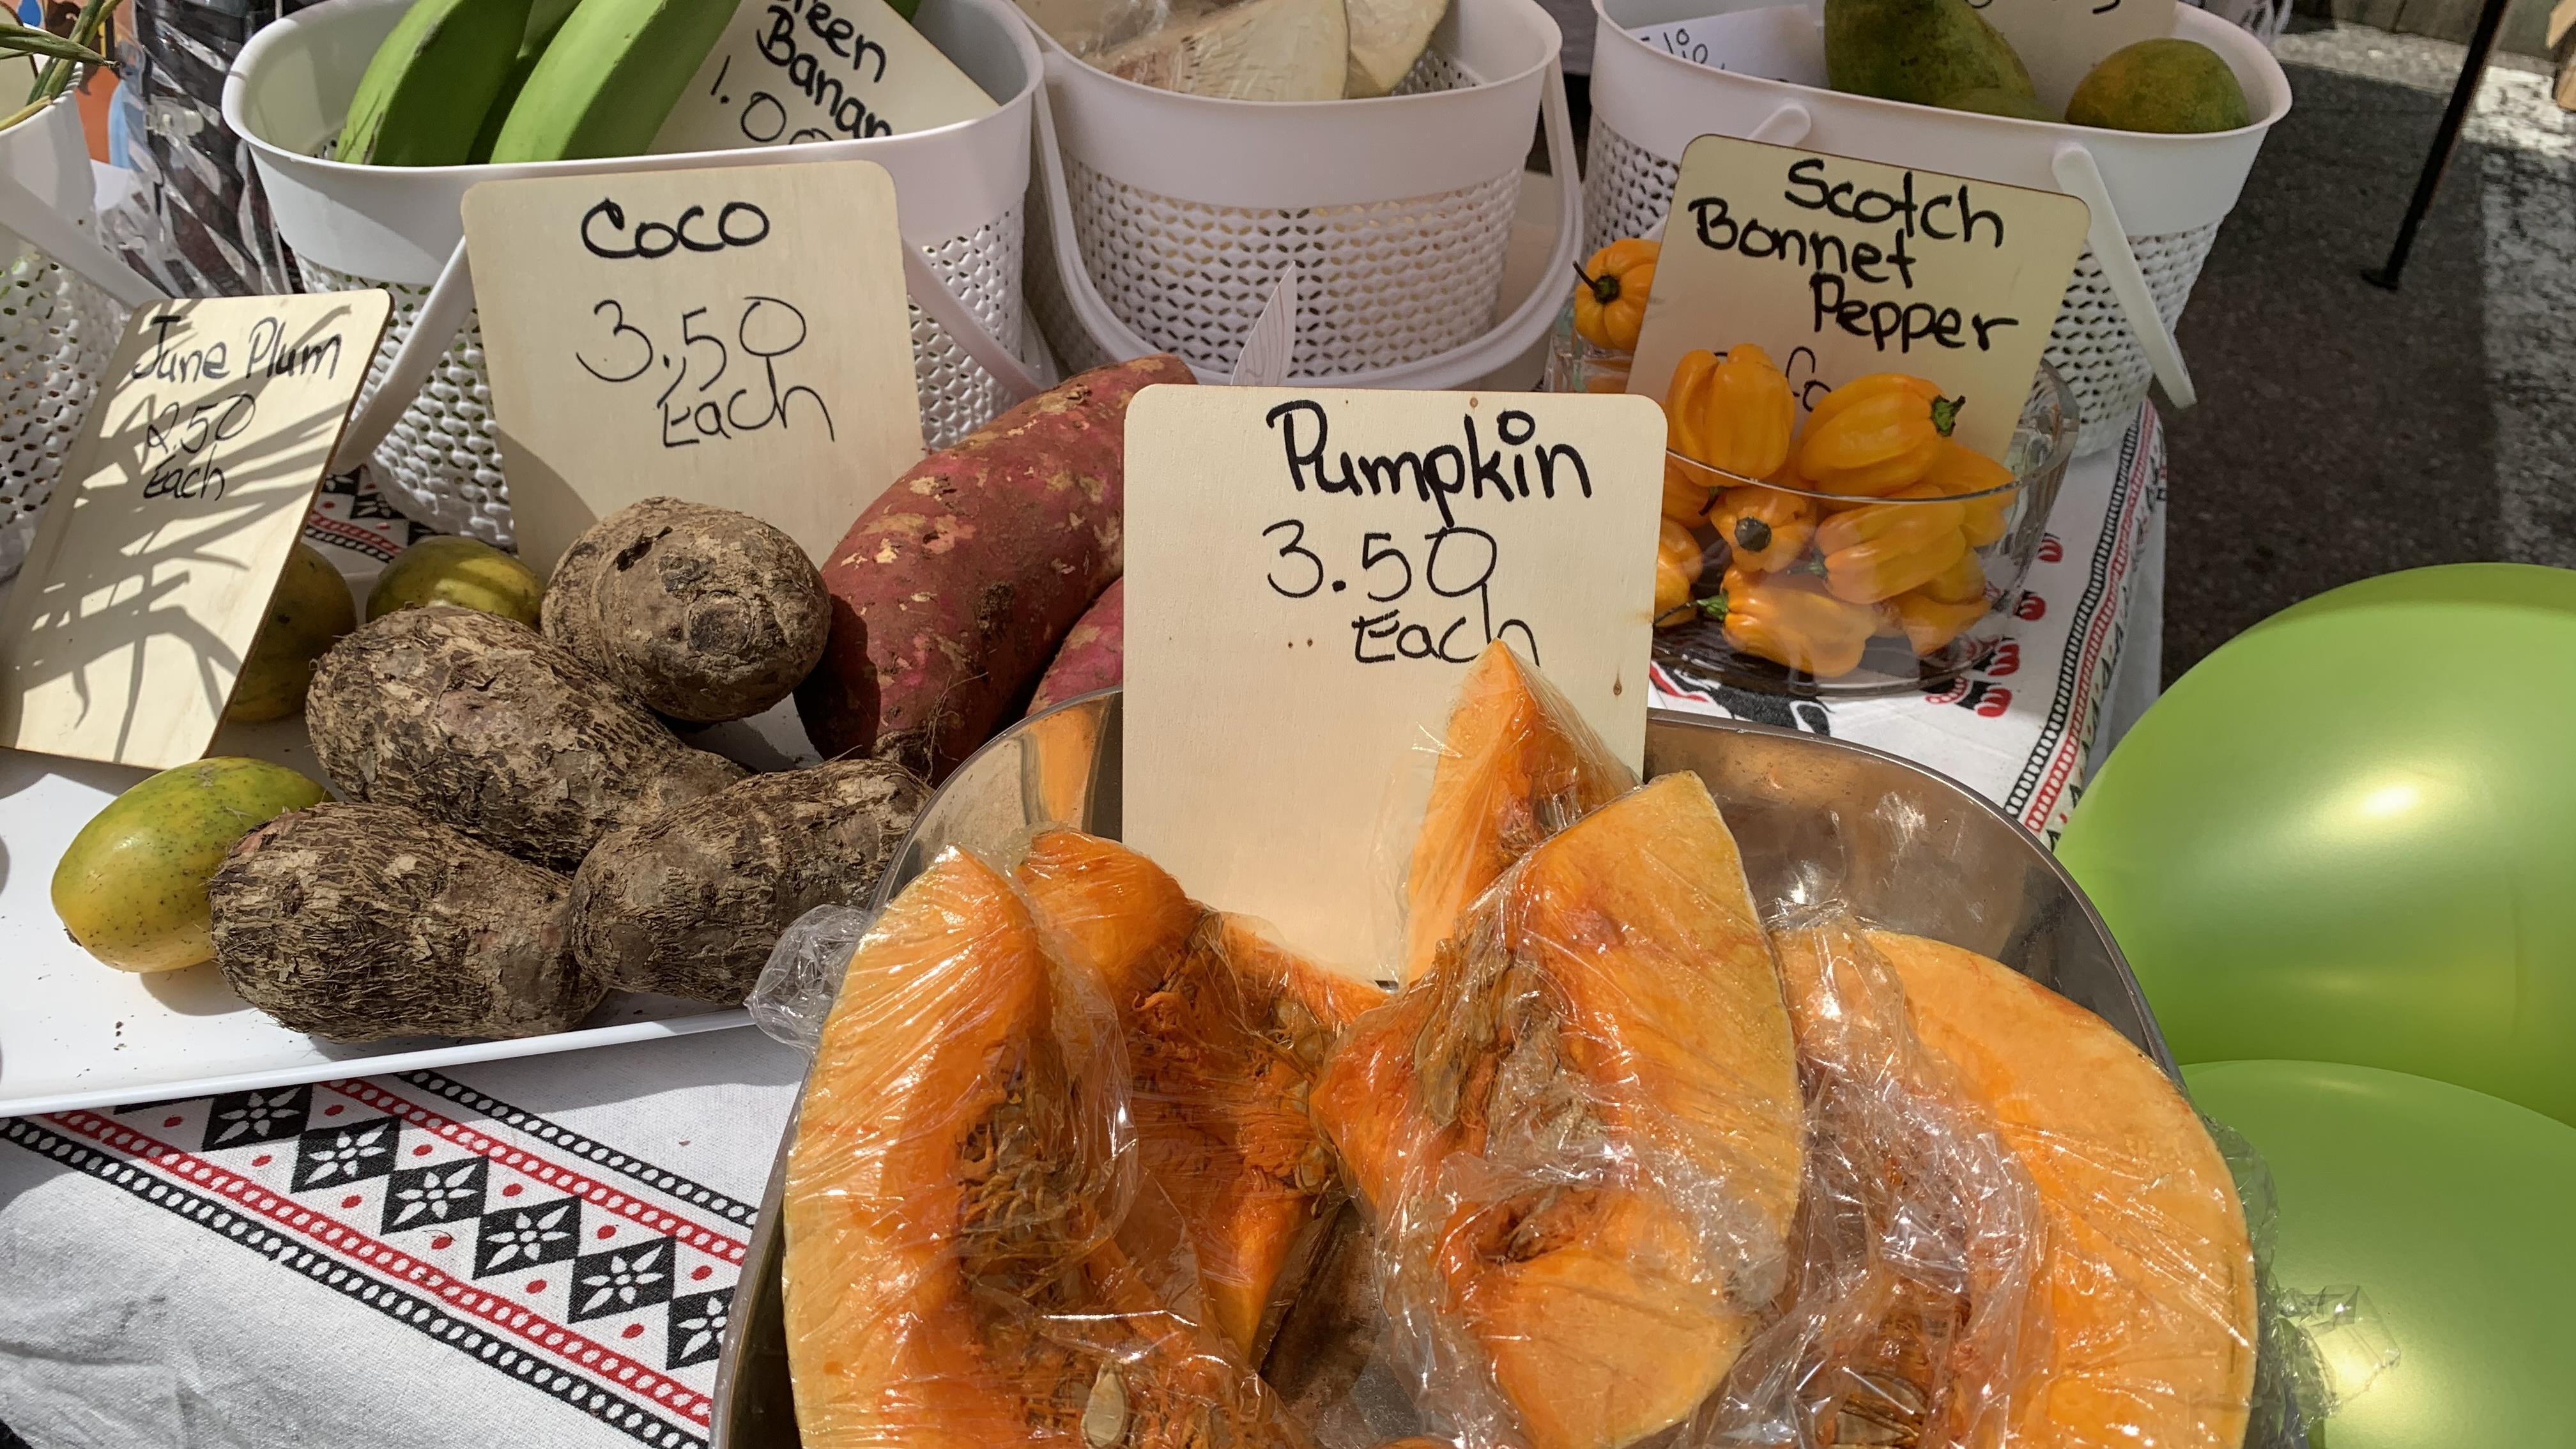 Un étalage de fruits et légumes variés dont de la citrouille, du piment, des mangues.